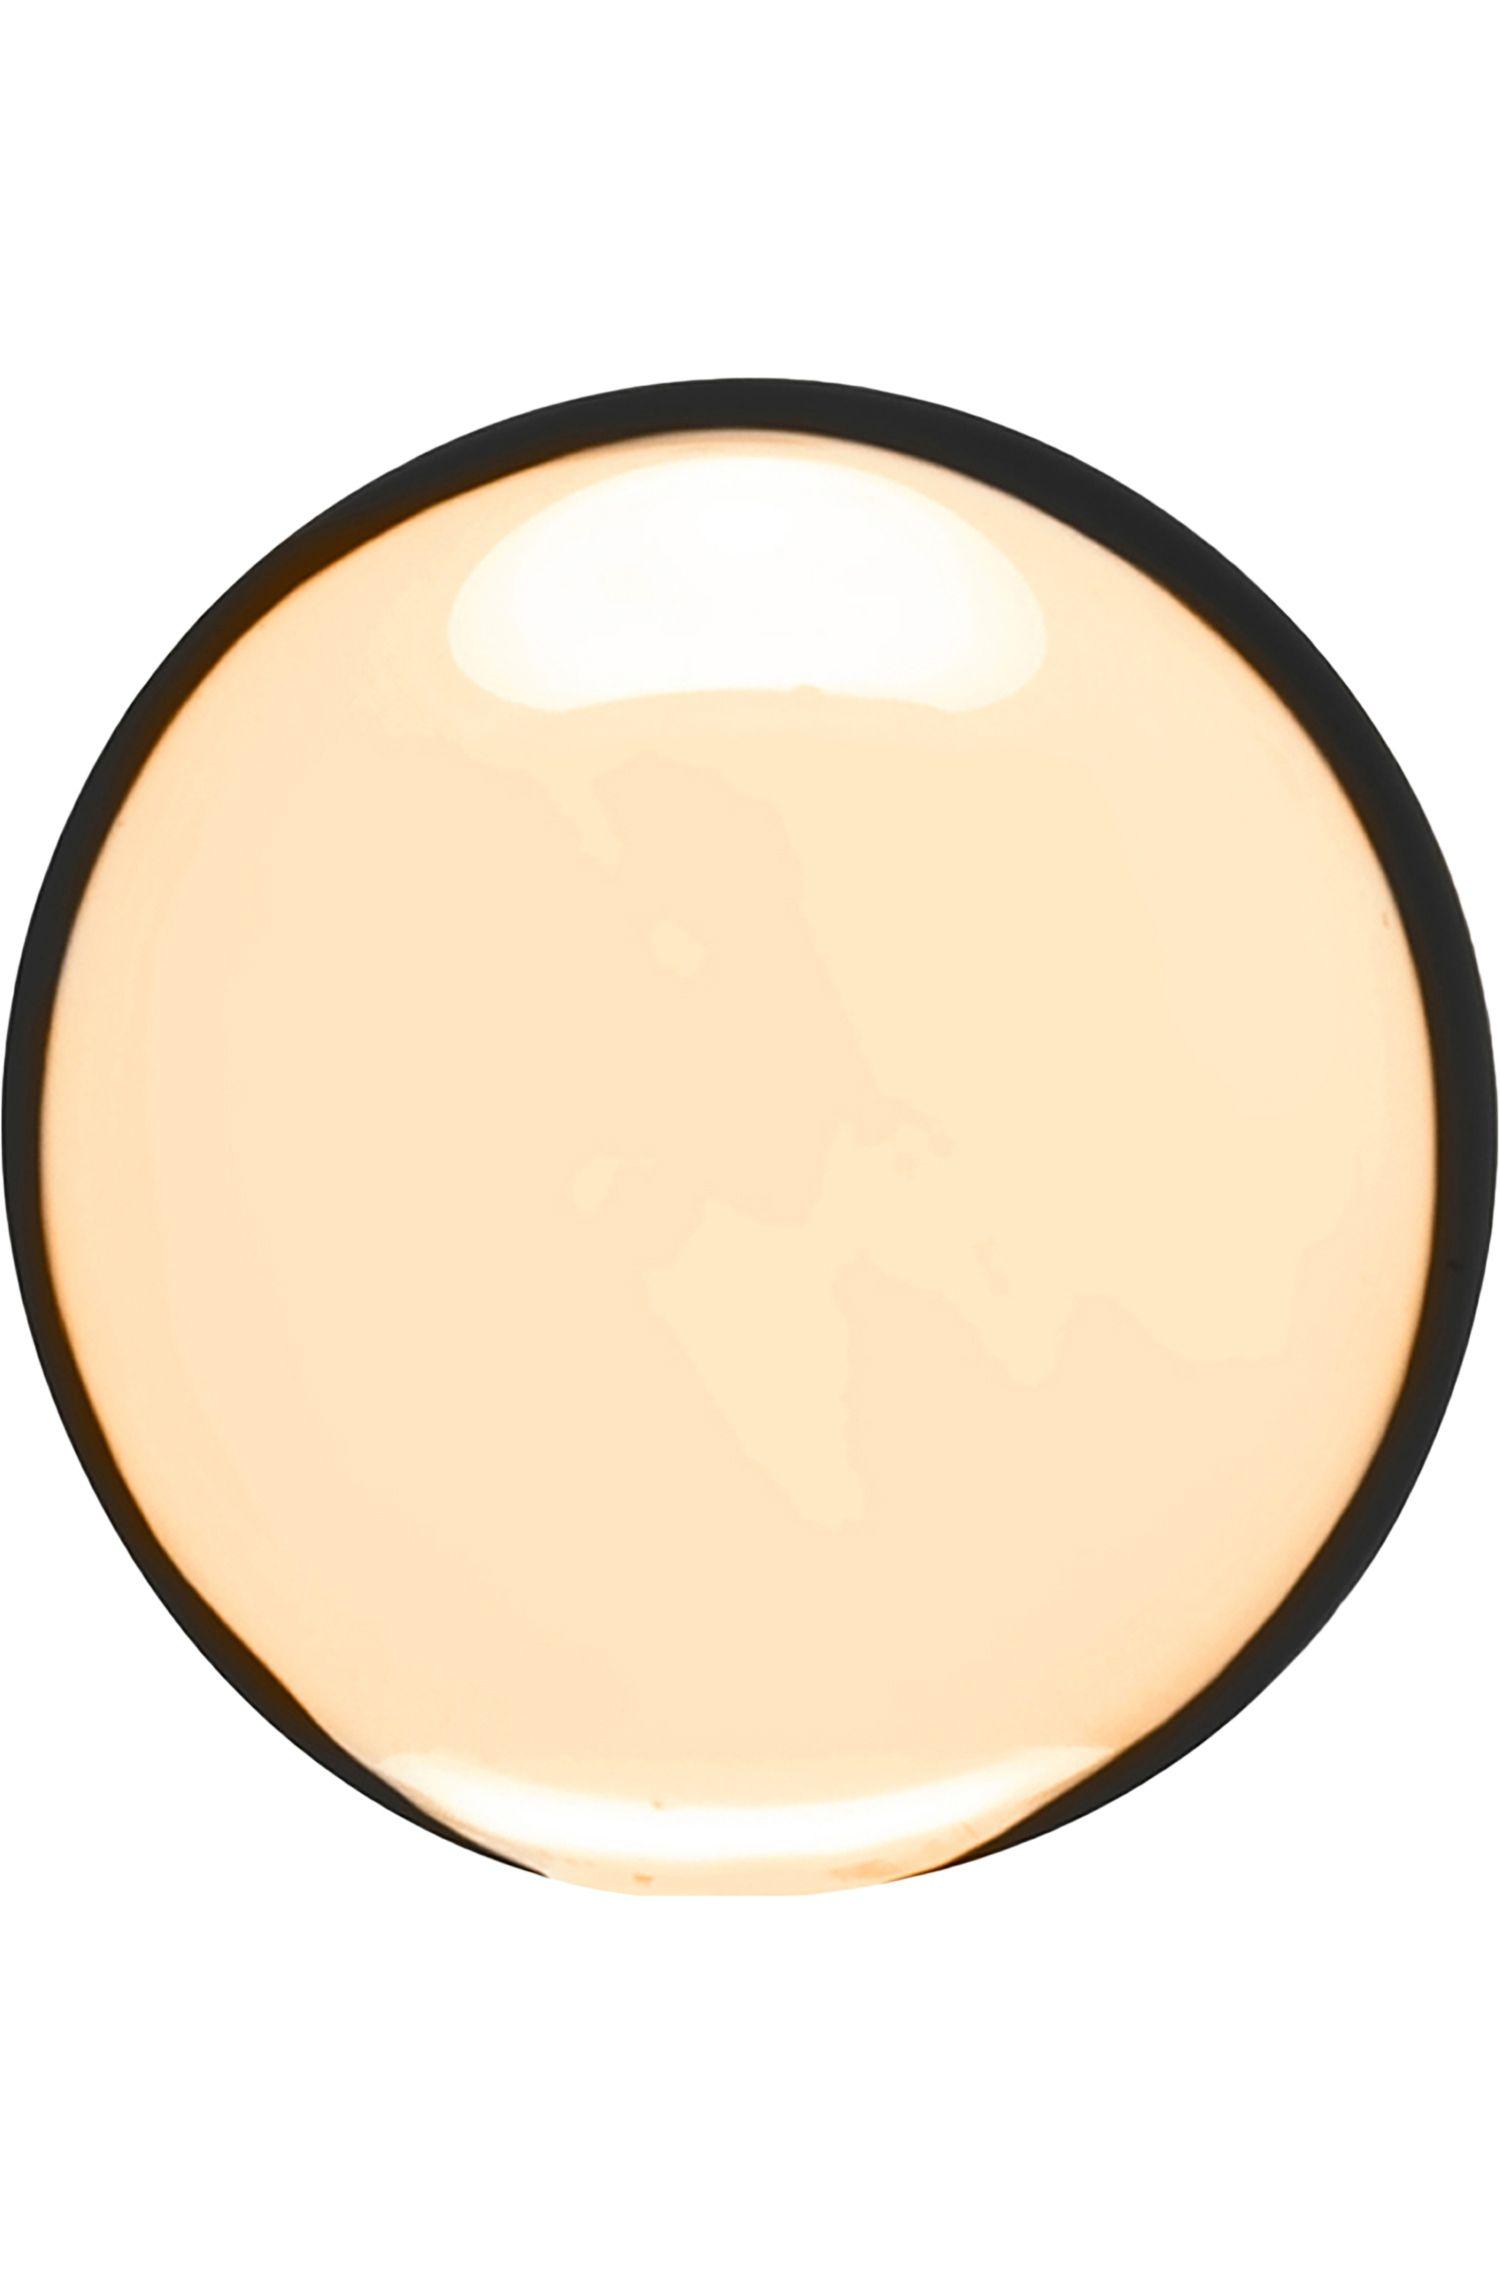 Blissim : Clarins - Lotion tonique nettoyante apaisante - Lotion tonique nettoyante apaisante